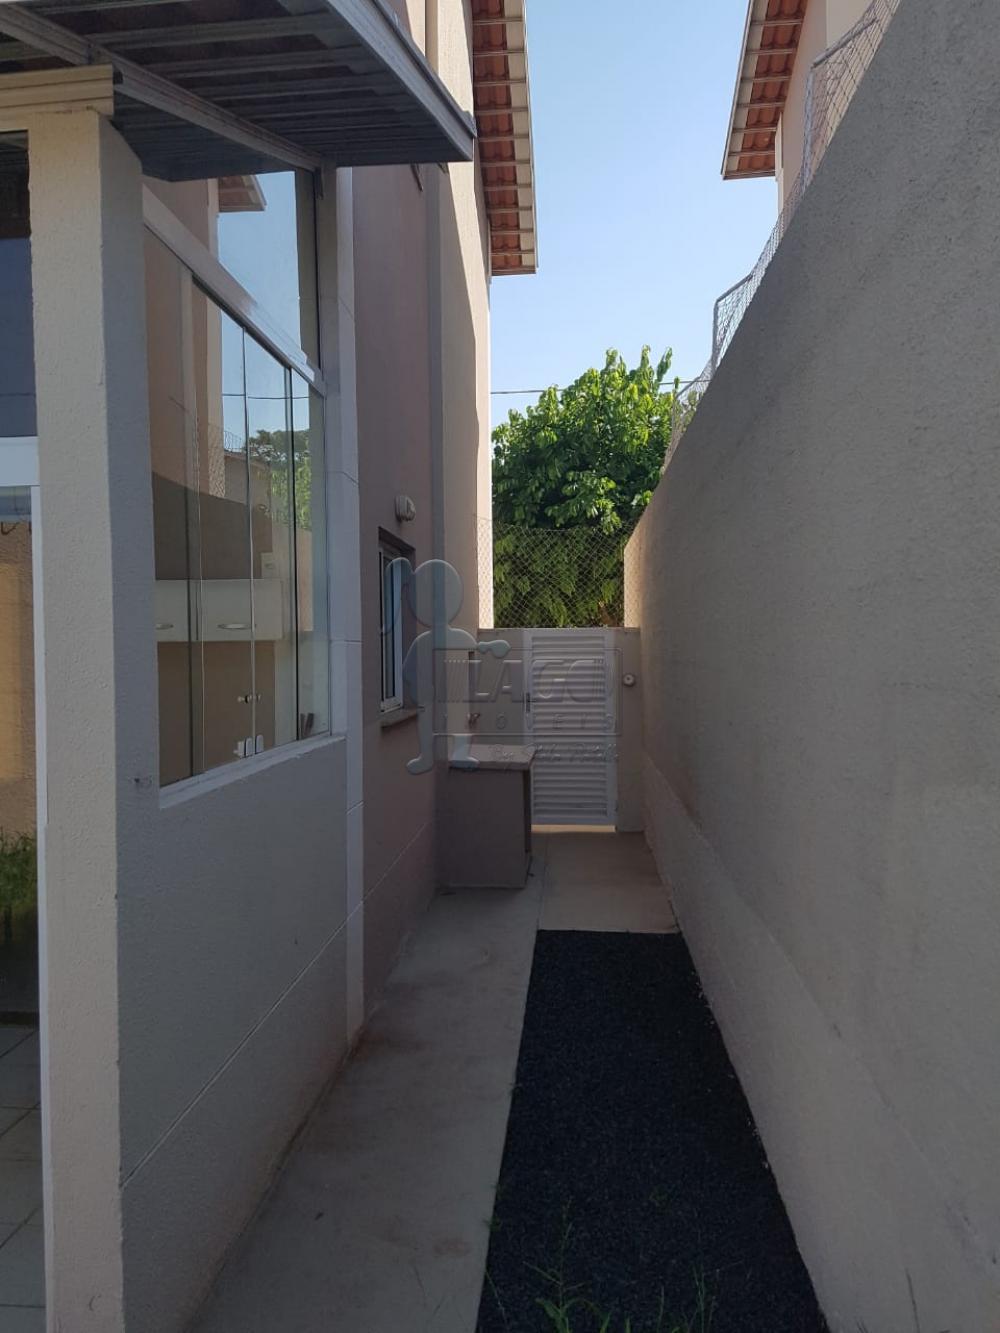 Alugar Casas / Condomínio em Ribeirão Preto apenas R$ 2.000,00 - Foto 4